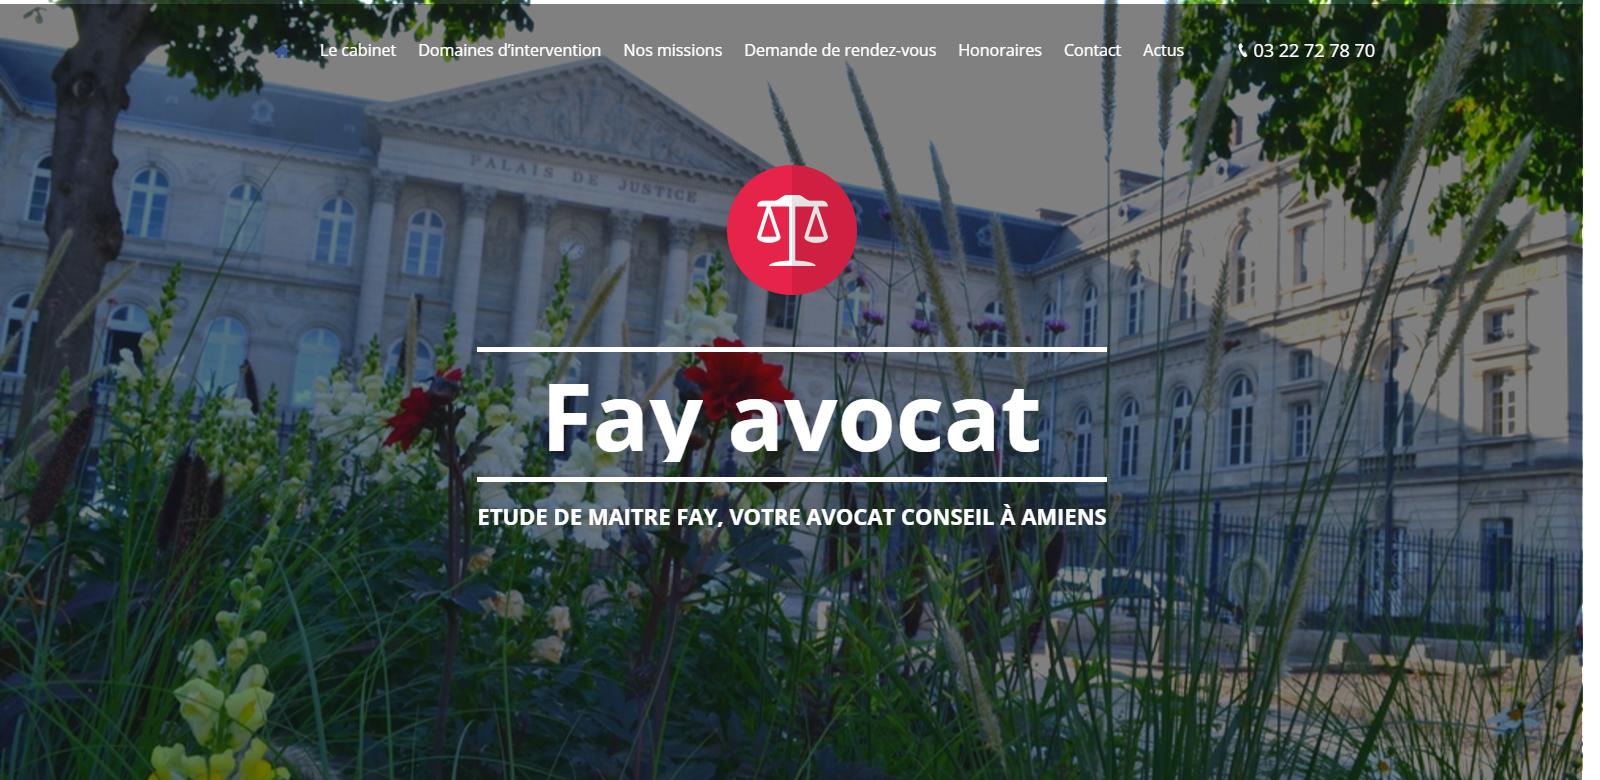 fay-avocats